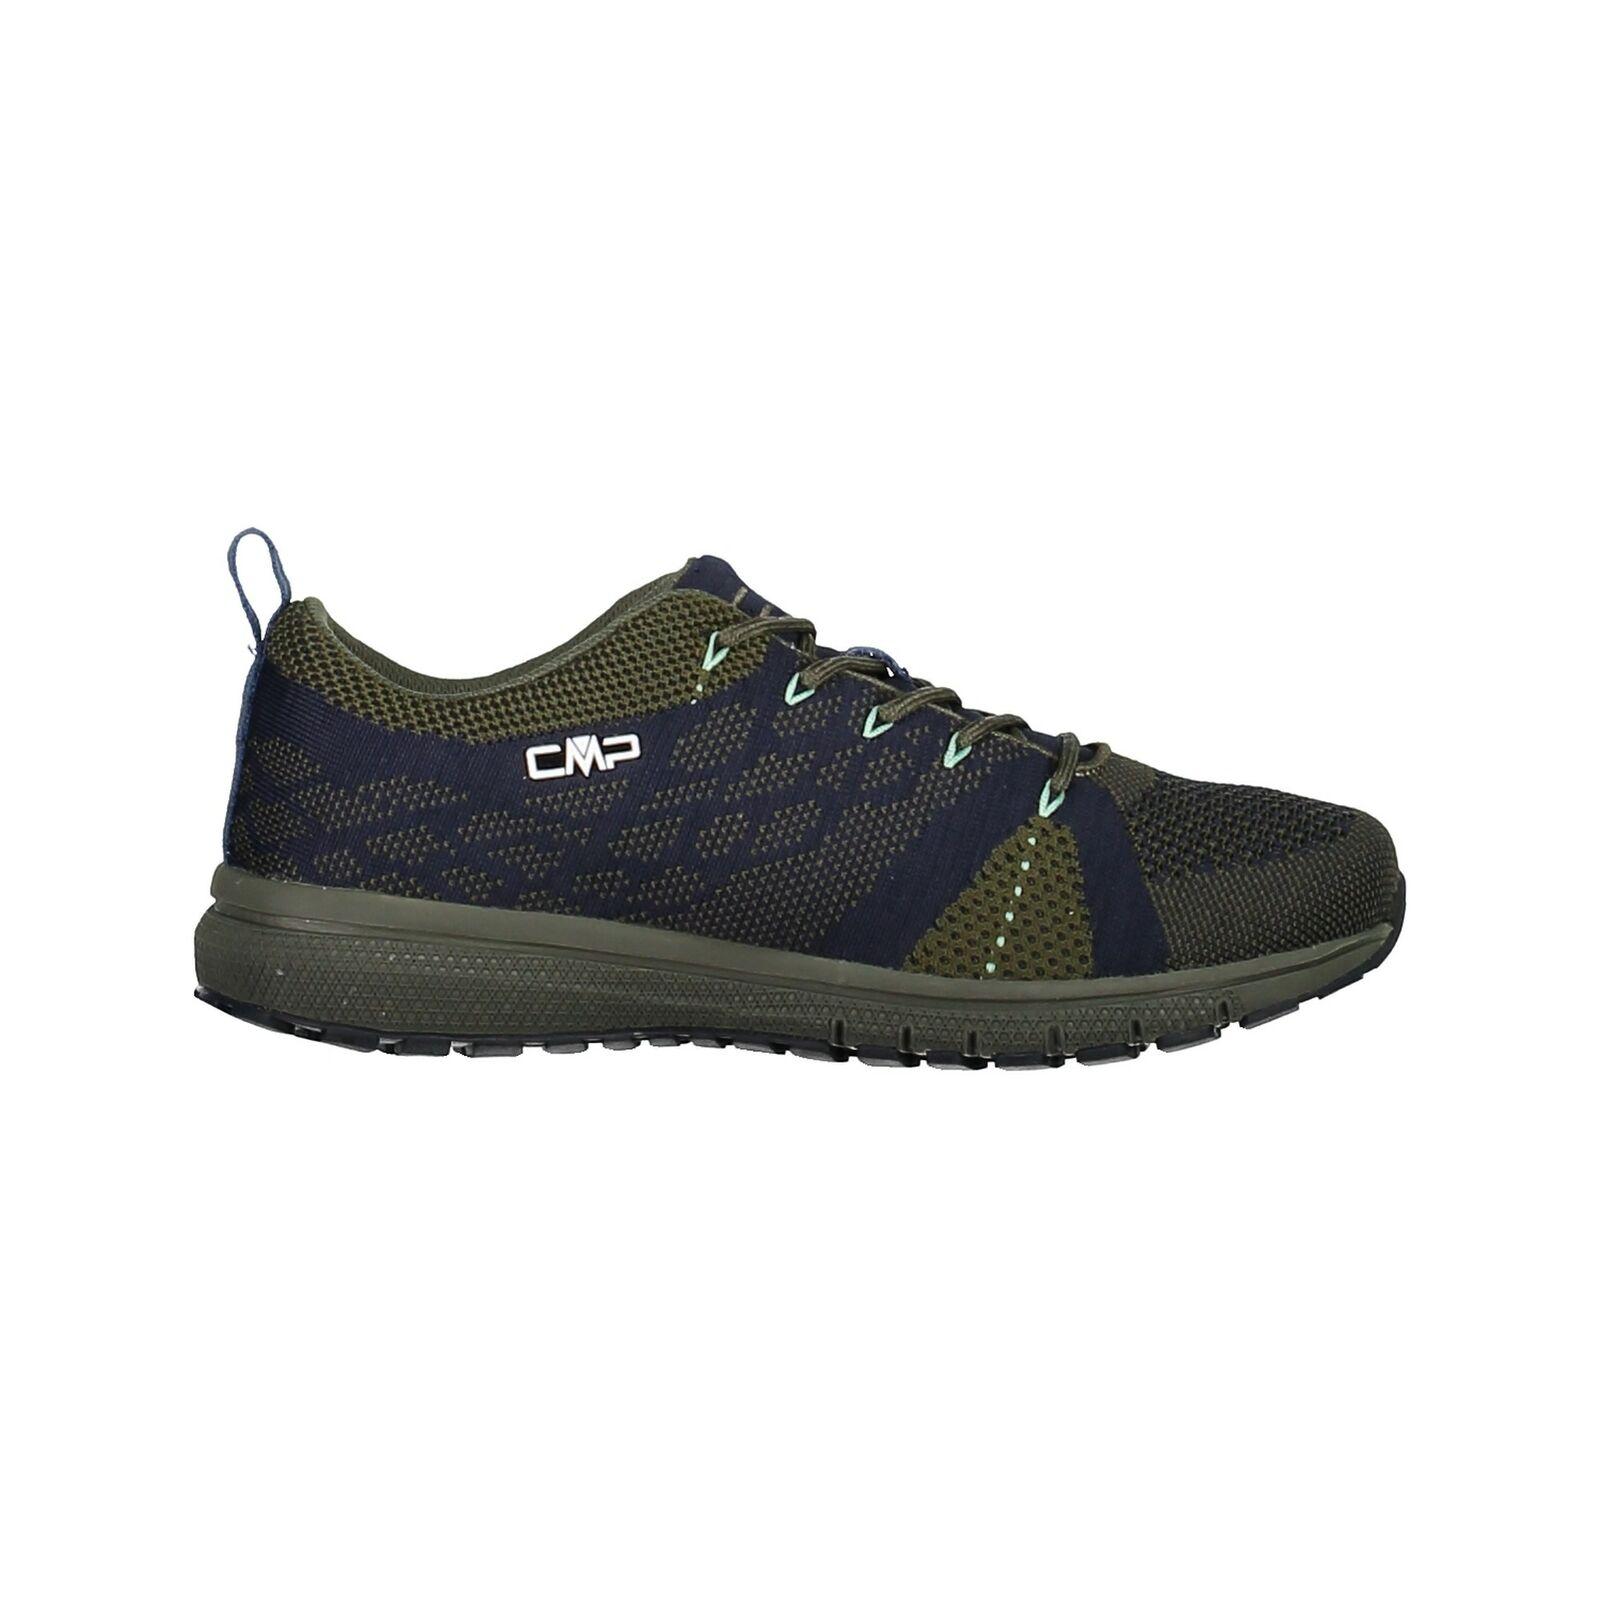 CMP Turnschuhe Sportschuhe Chamaeleontis Foam Fitness shoes dunkelblue leicht